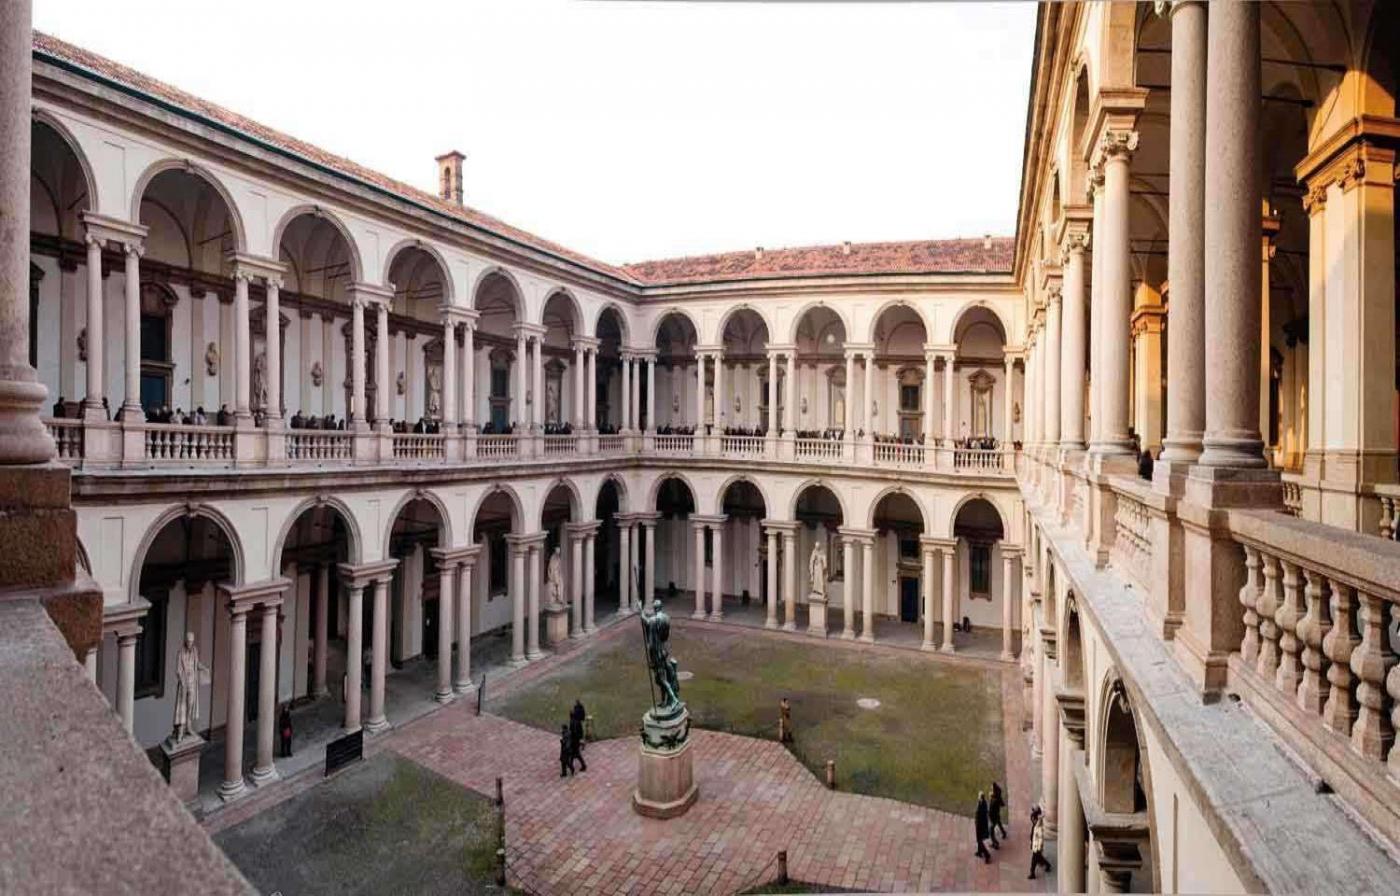 100 Milan - The 10 Best Art & Design Galleries